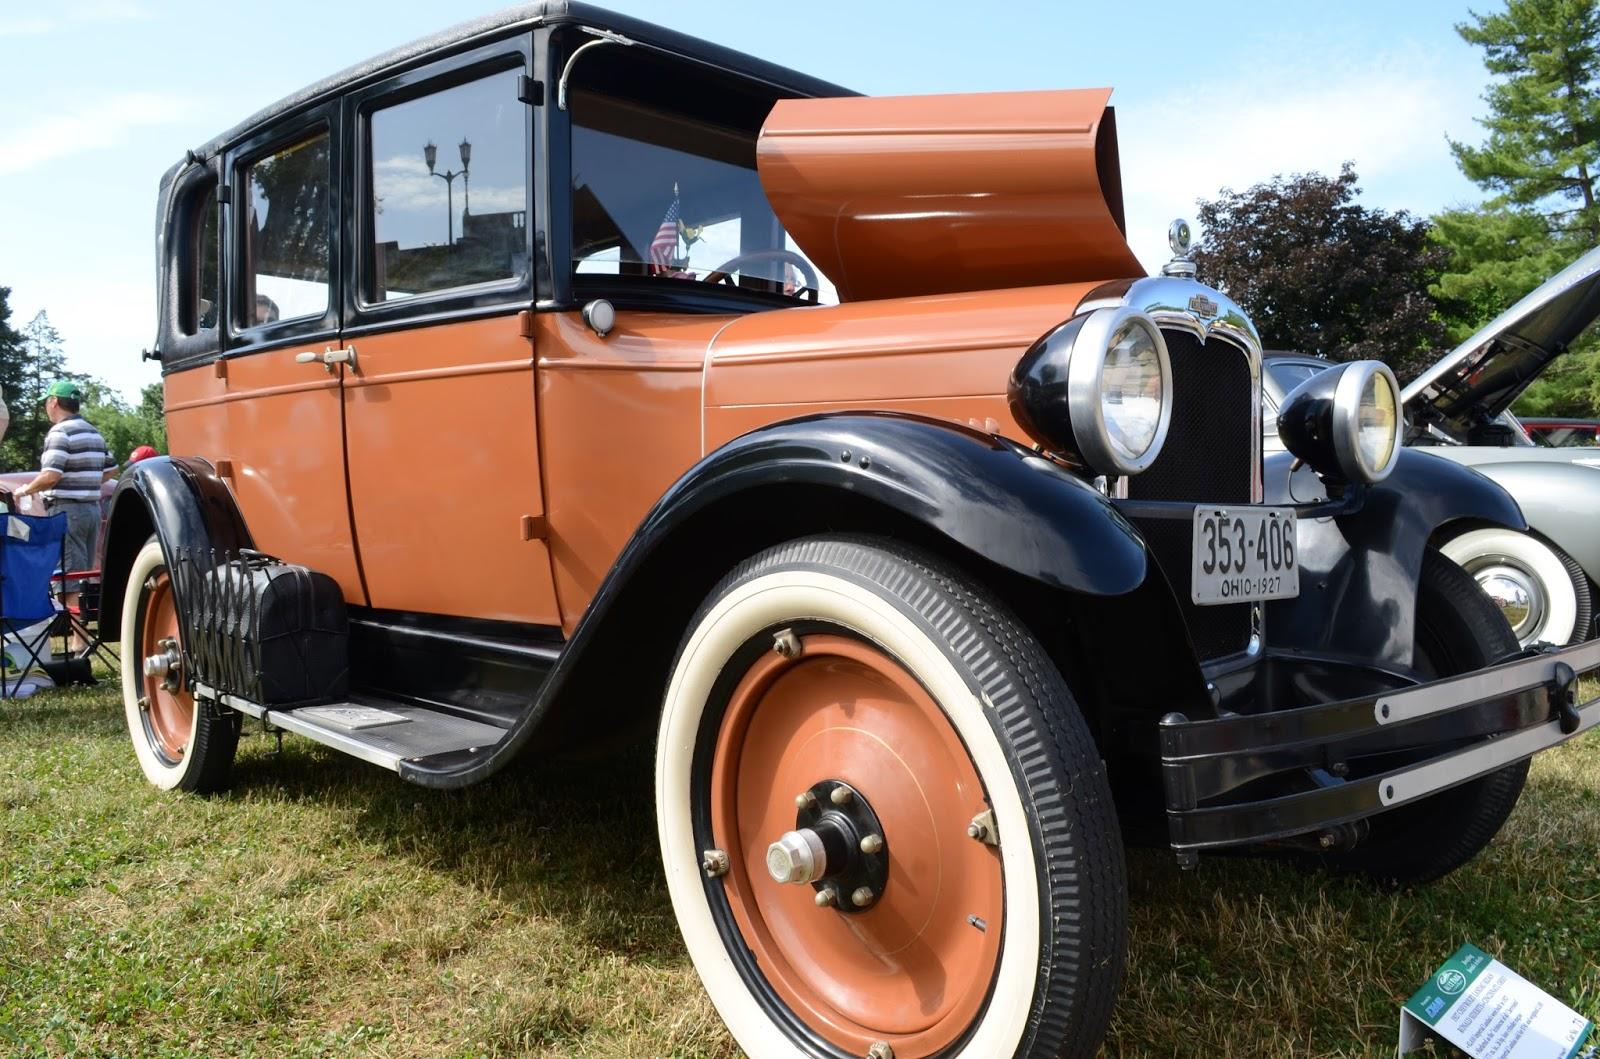 Turnerbudds Car Blog: Pre-War Vintage at Ault Park